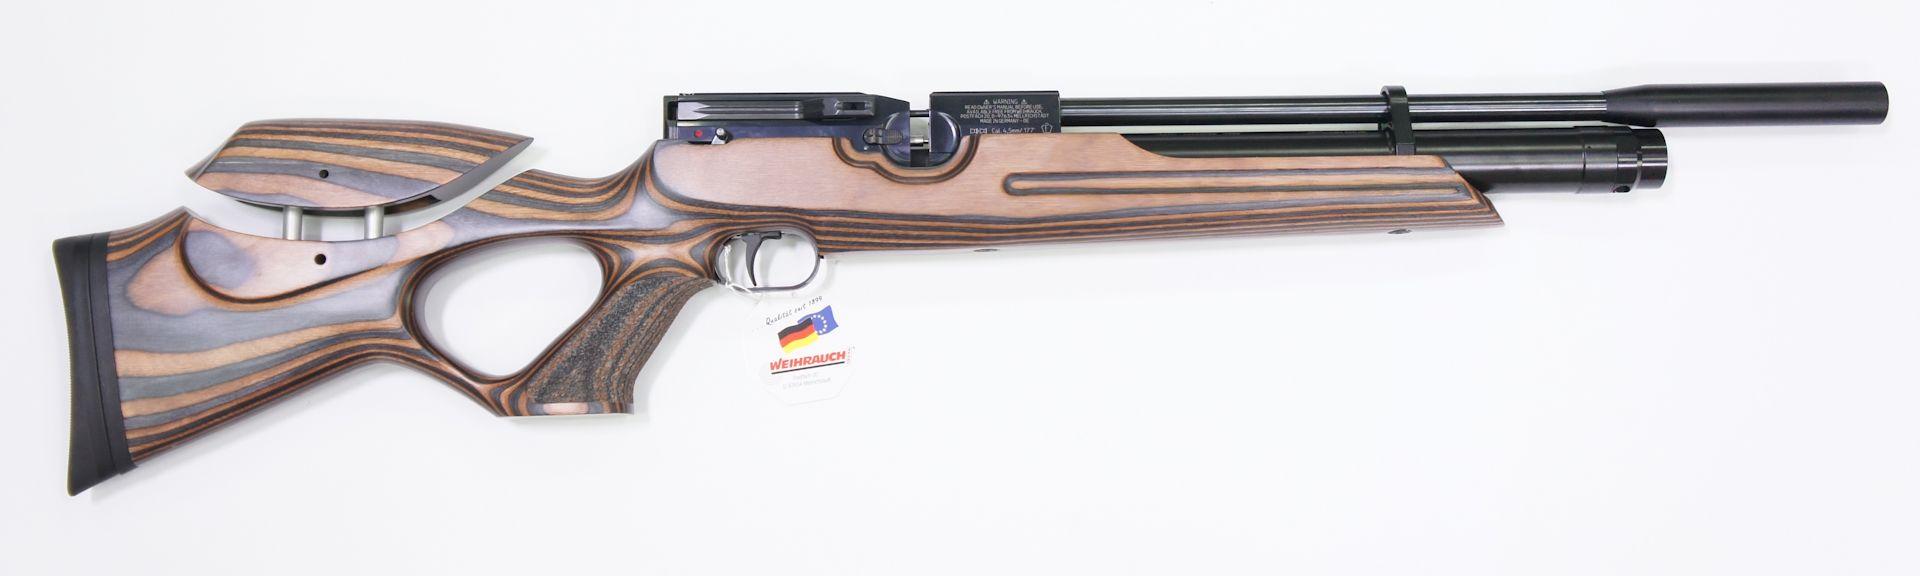 Luftgewehr Weihrauch Modell HW 100 T Special Edition von Rechts